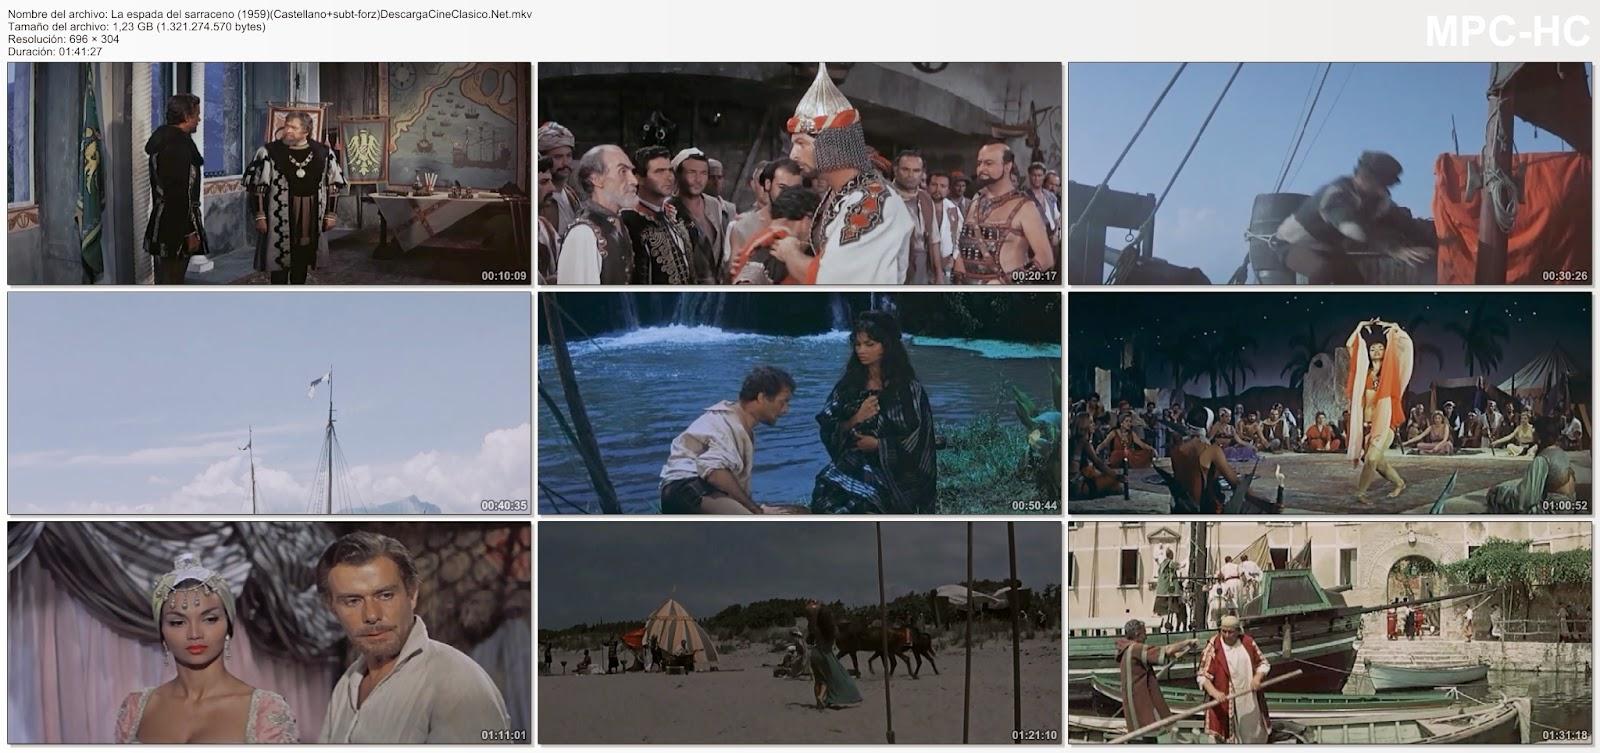 Capturas - La espada del sarraceno